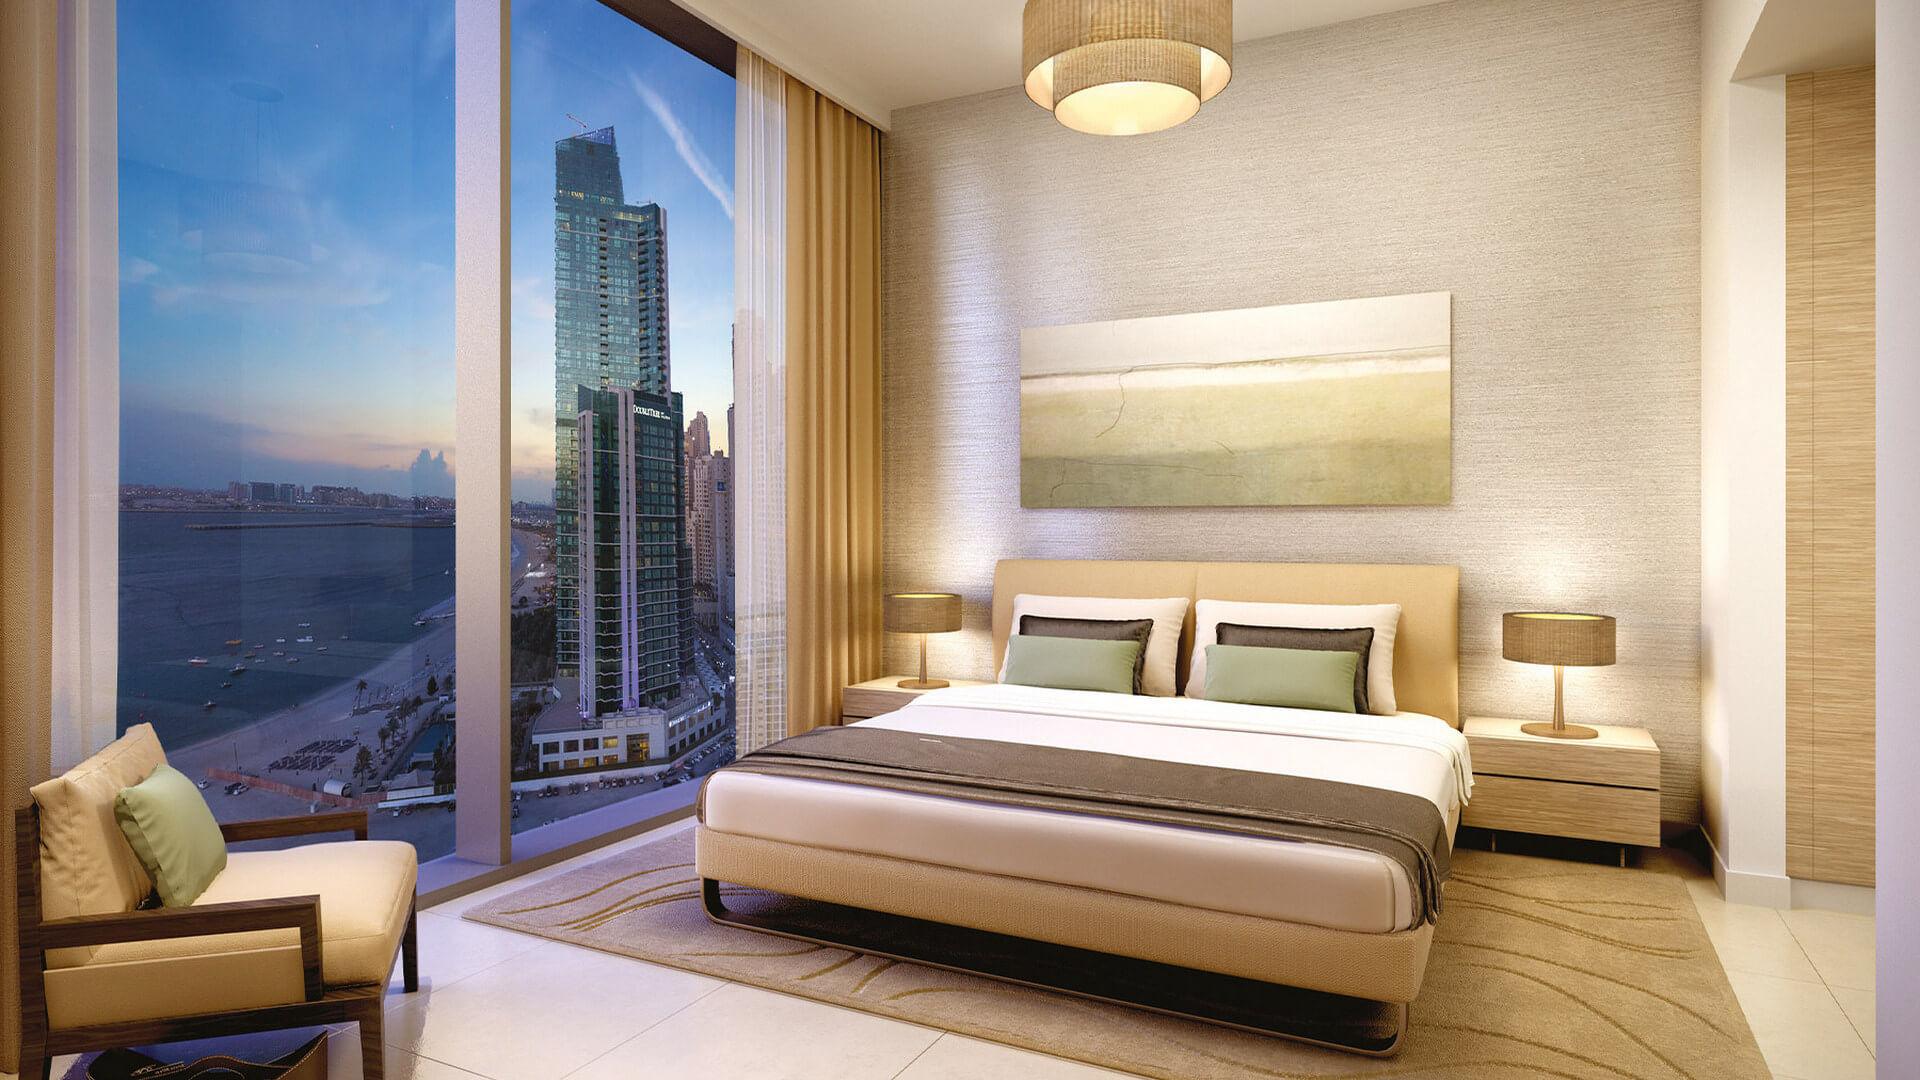 Apartment for sale in Dubai, UAE, 1 bedroom, 63 m2, No. 24099 – photo 1